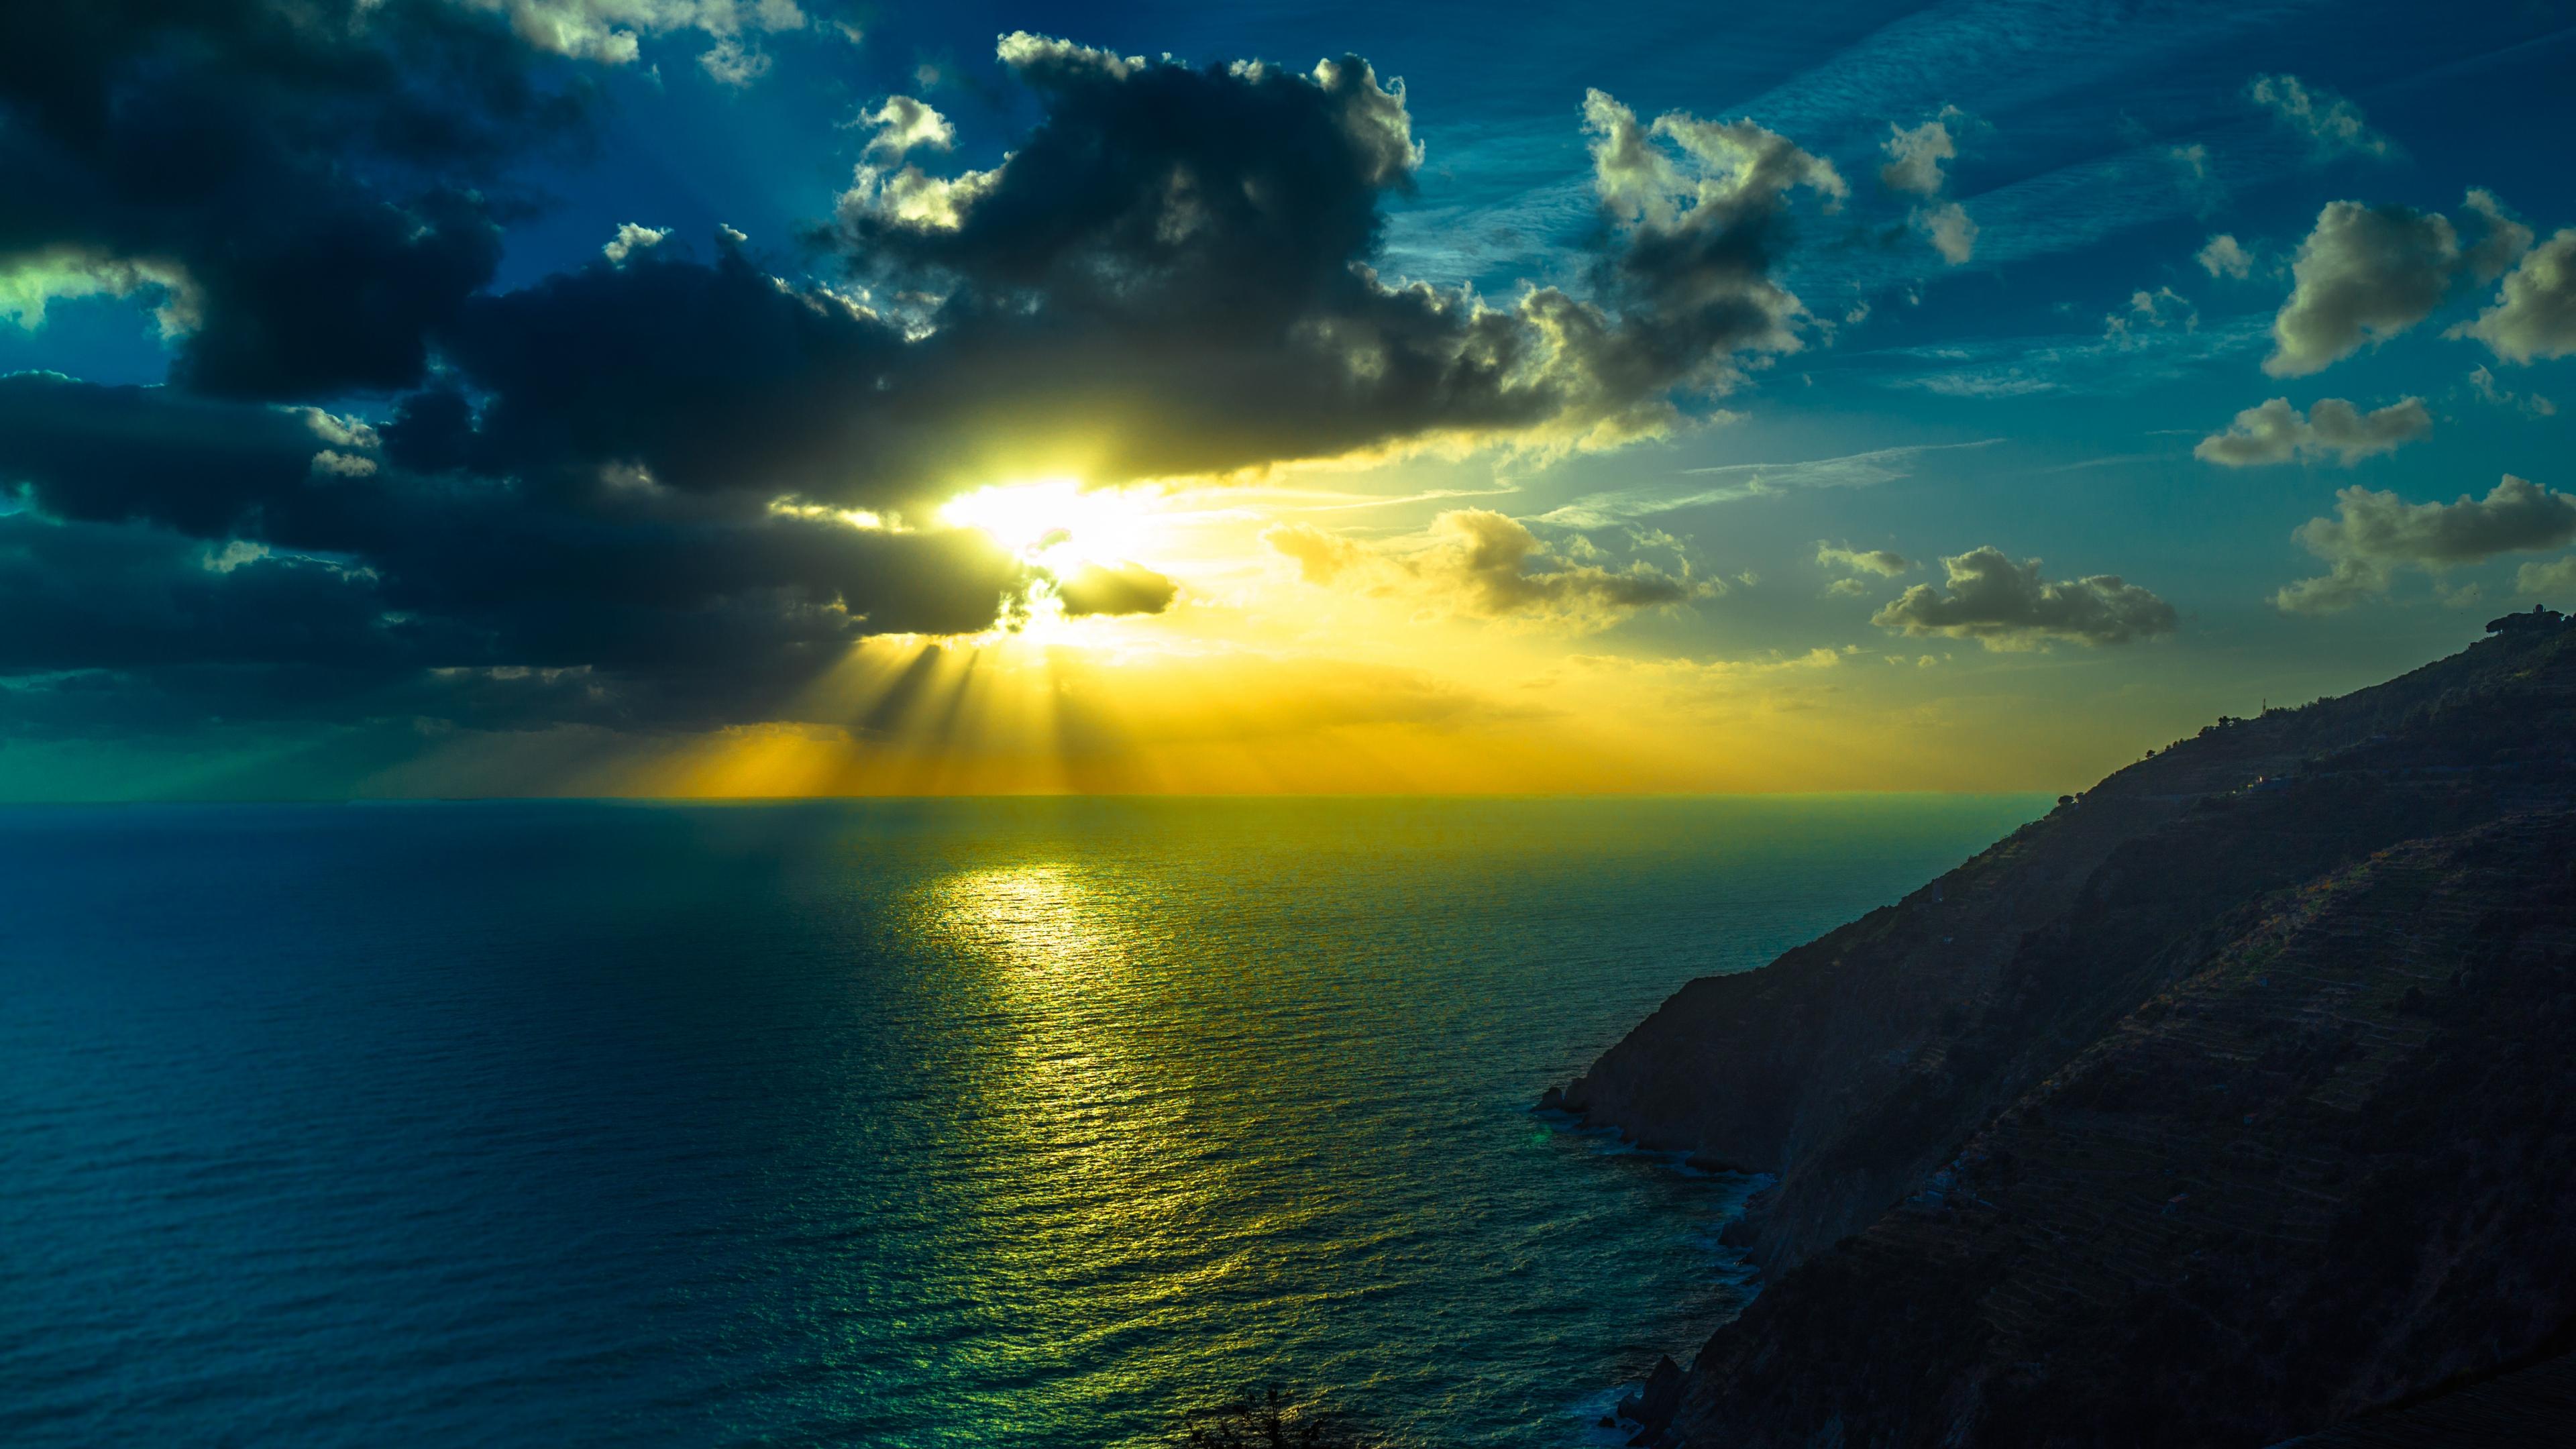 природа море горизонт камни облака небо скалы  № 432425 загрузить